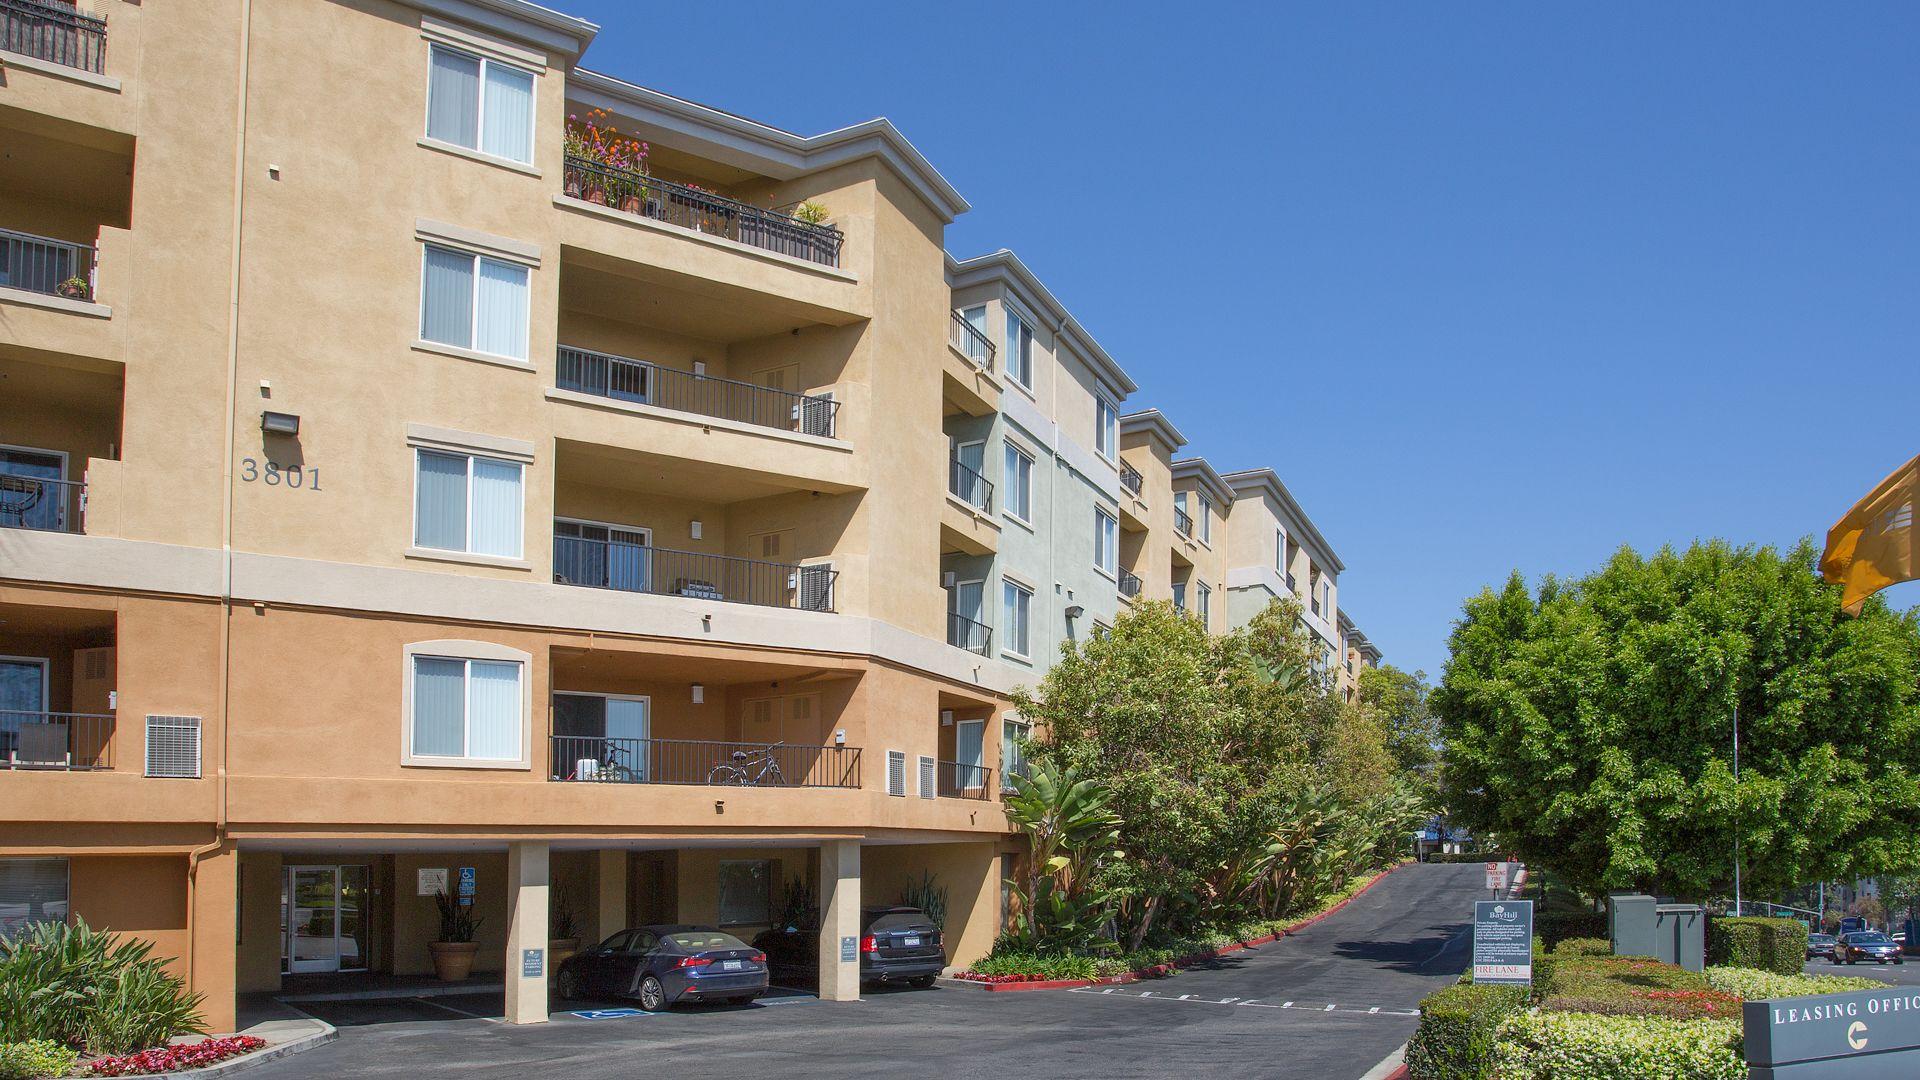 Bay Hill Apartments - Long Beach - 3801 E Pacific Coast ...